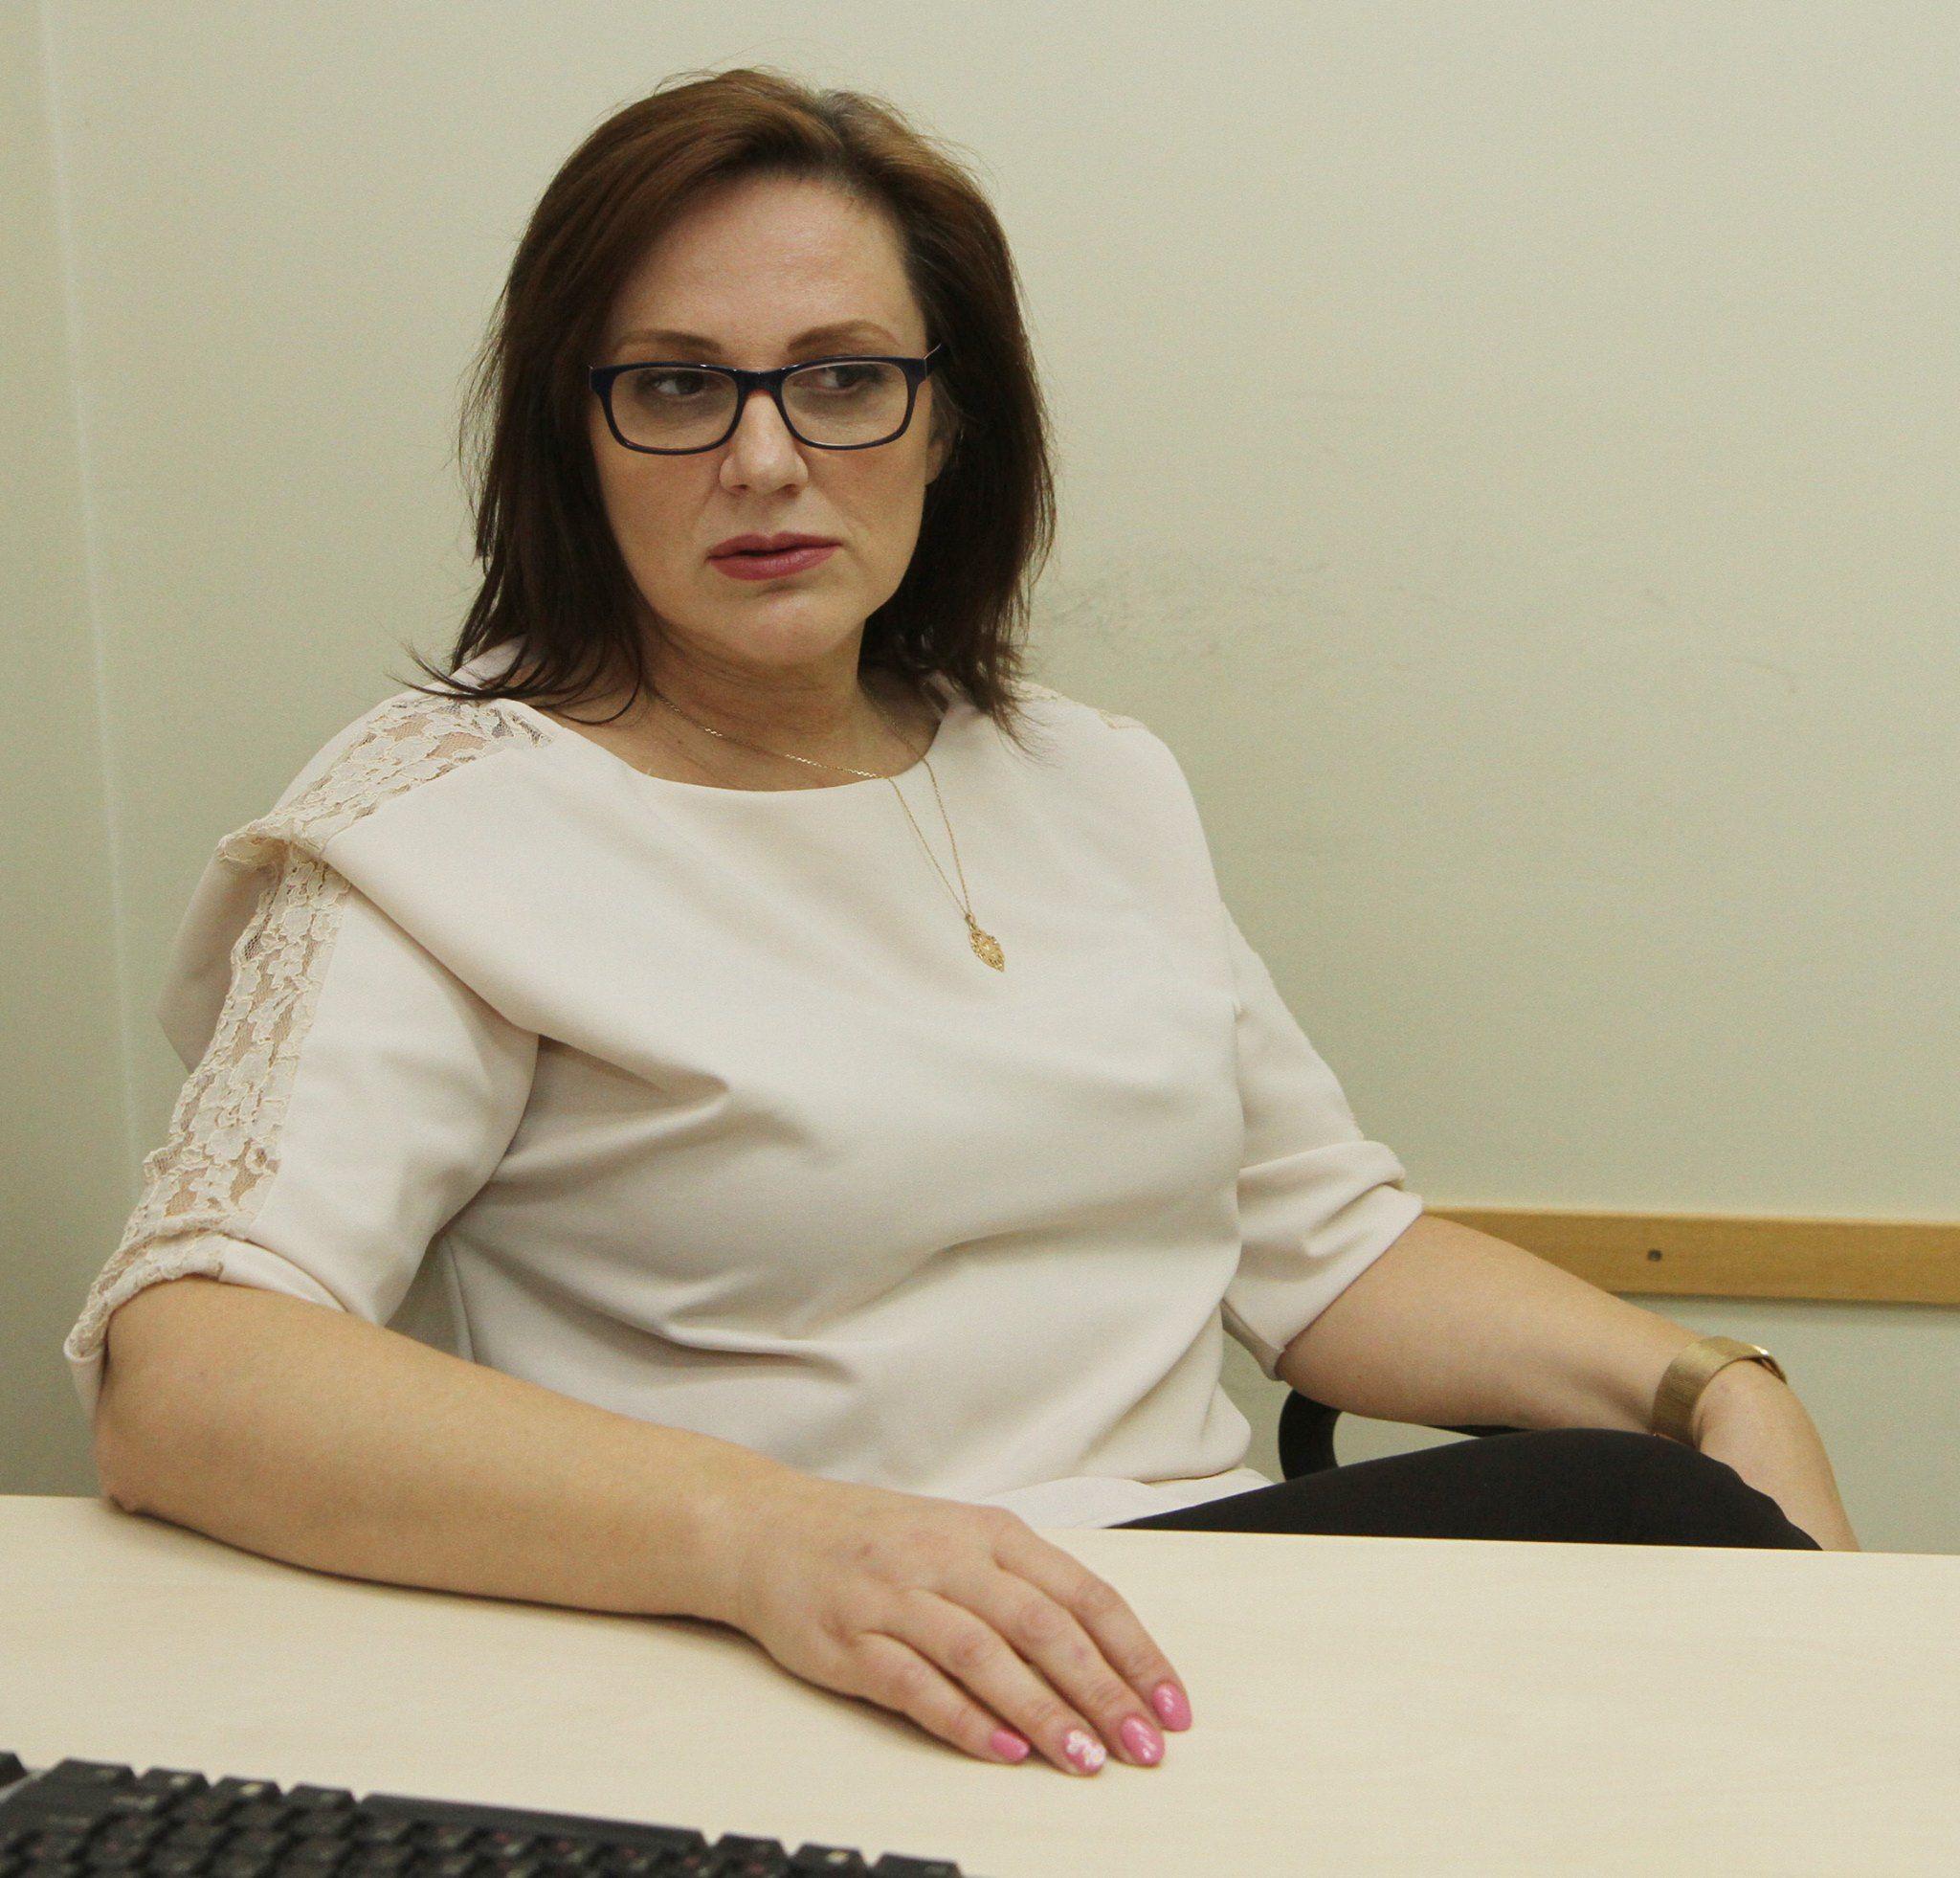 Топ психиатър: Психиатричната диагноза е доживотна присъда